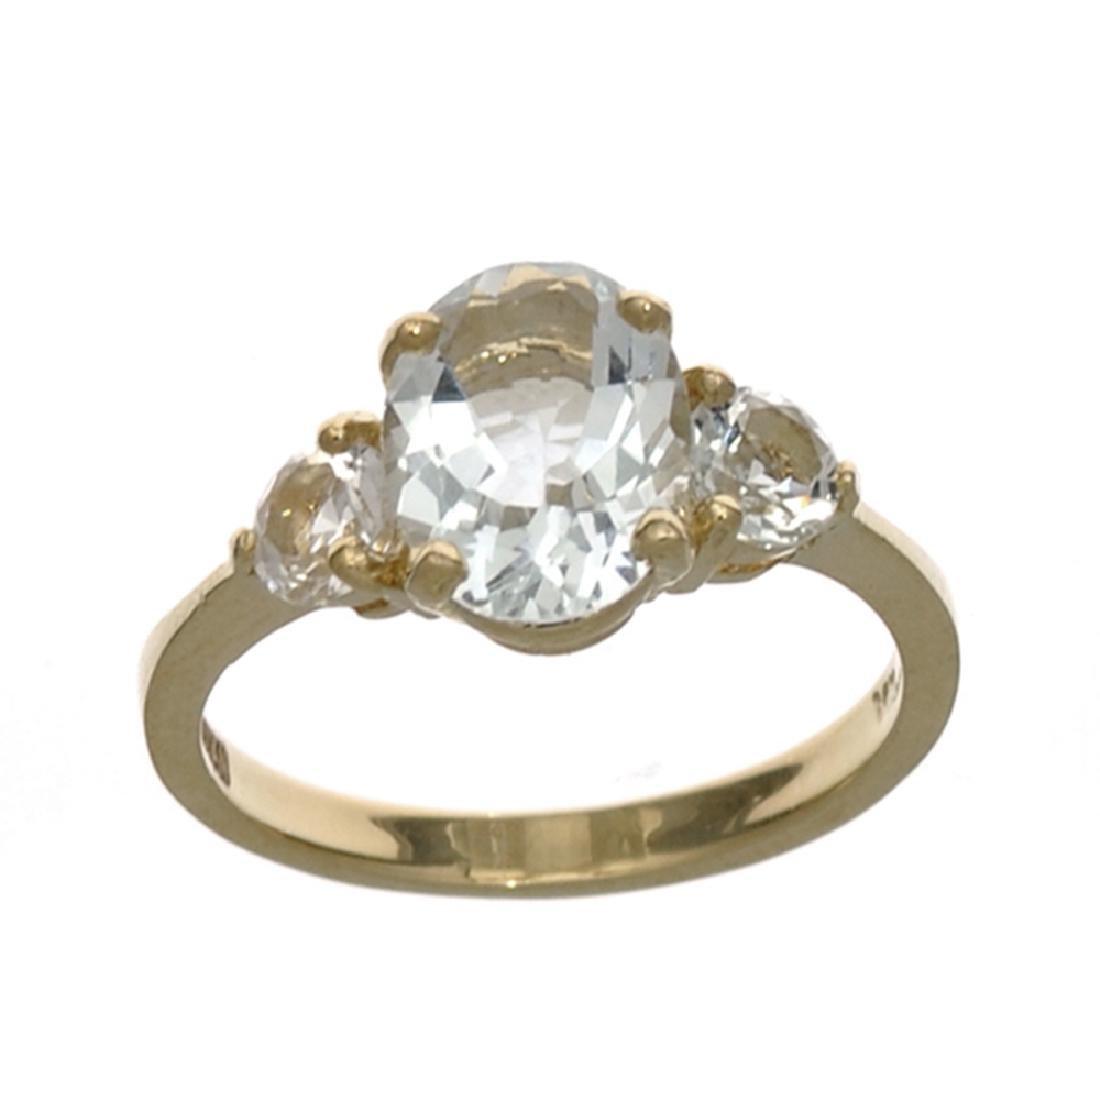 APP: 1.8k Fine Jewelry Designer Sebastian 14 KT Gold,